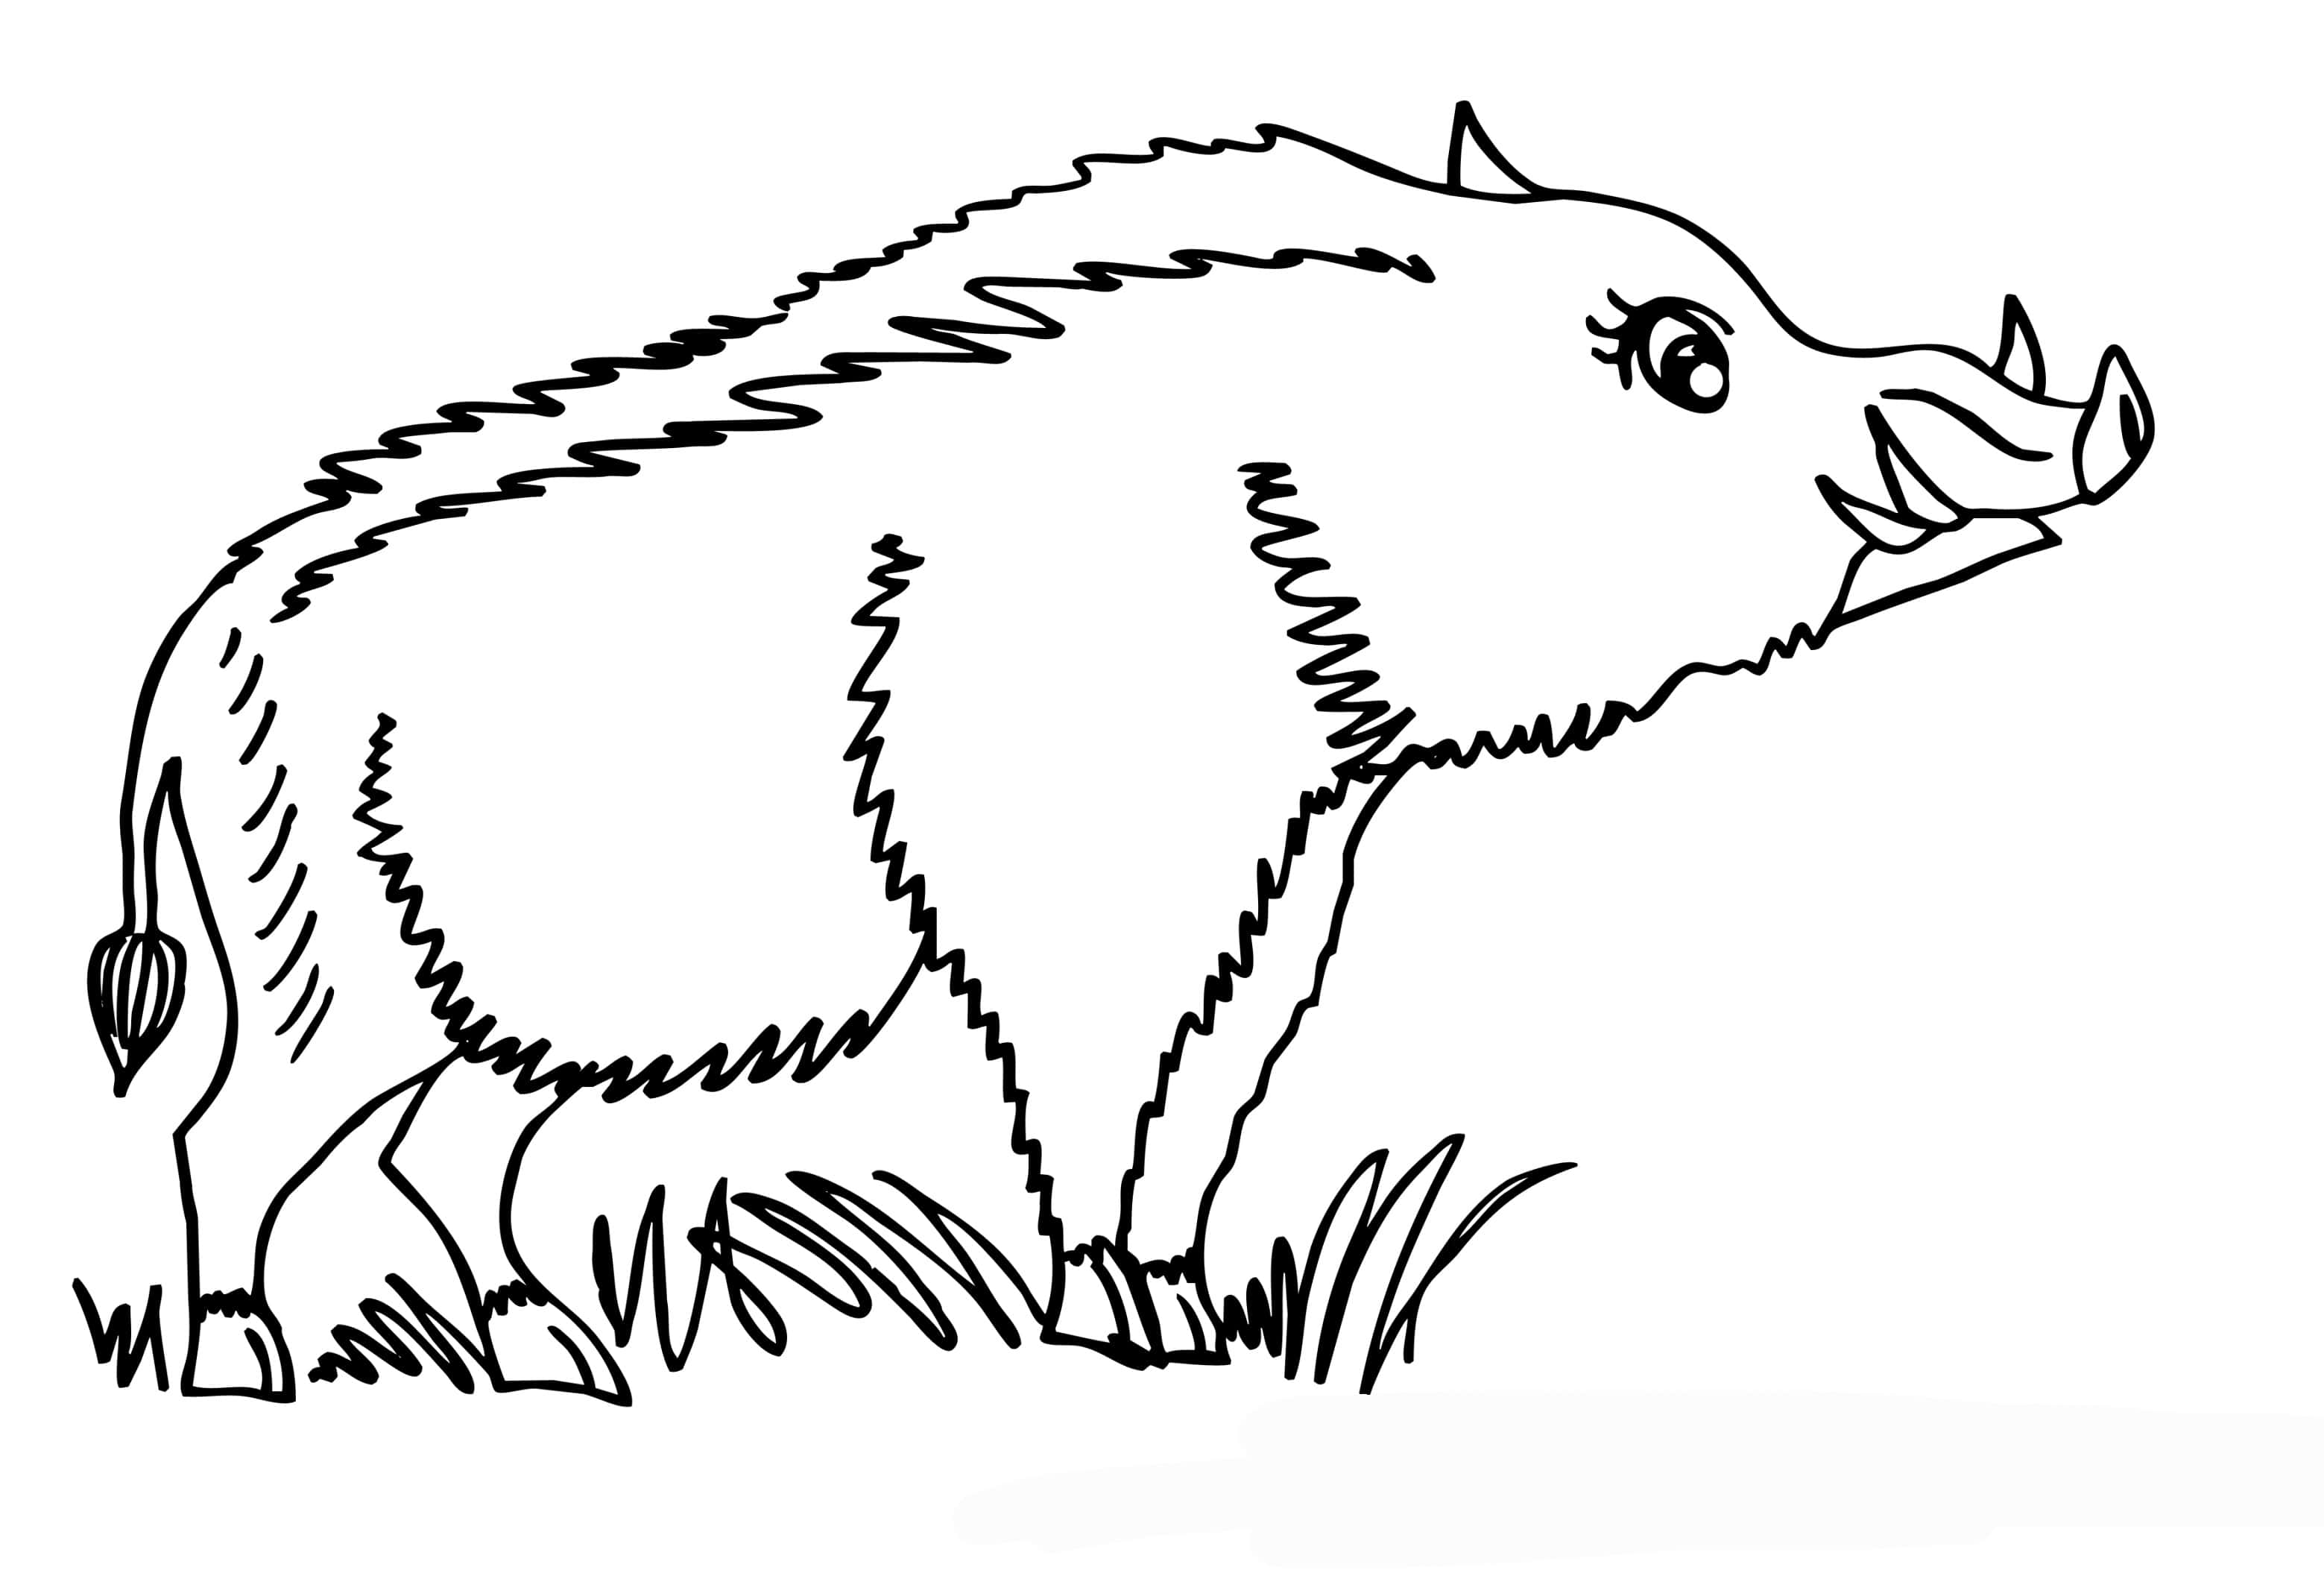 Картинки лесных животных черно белые